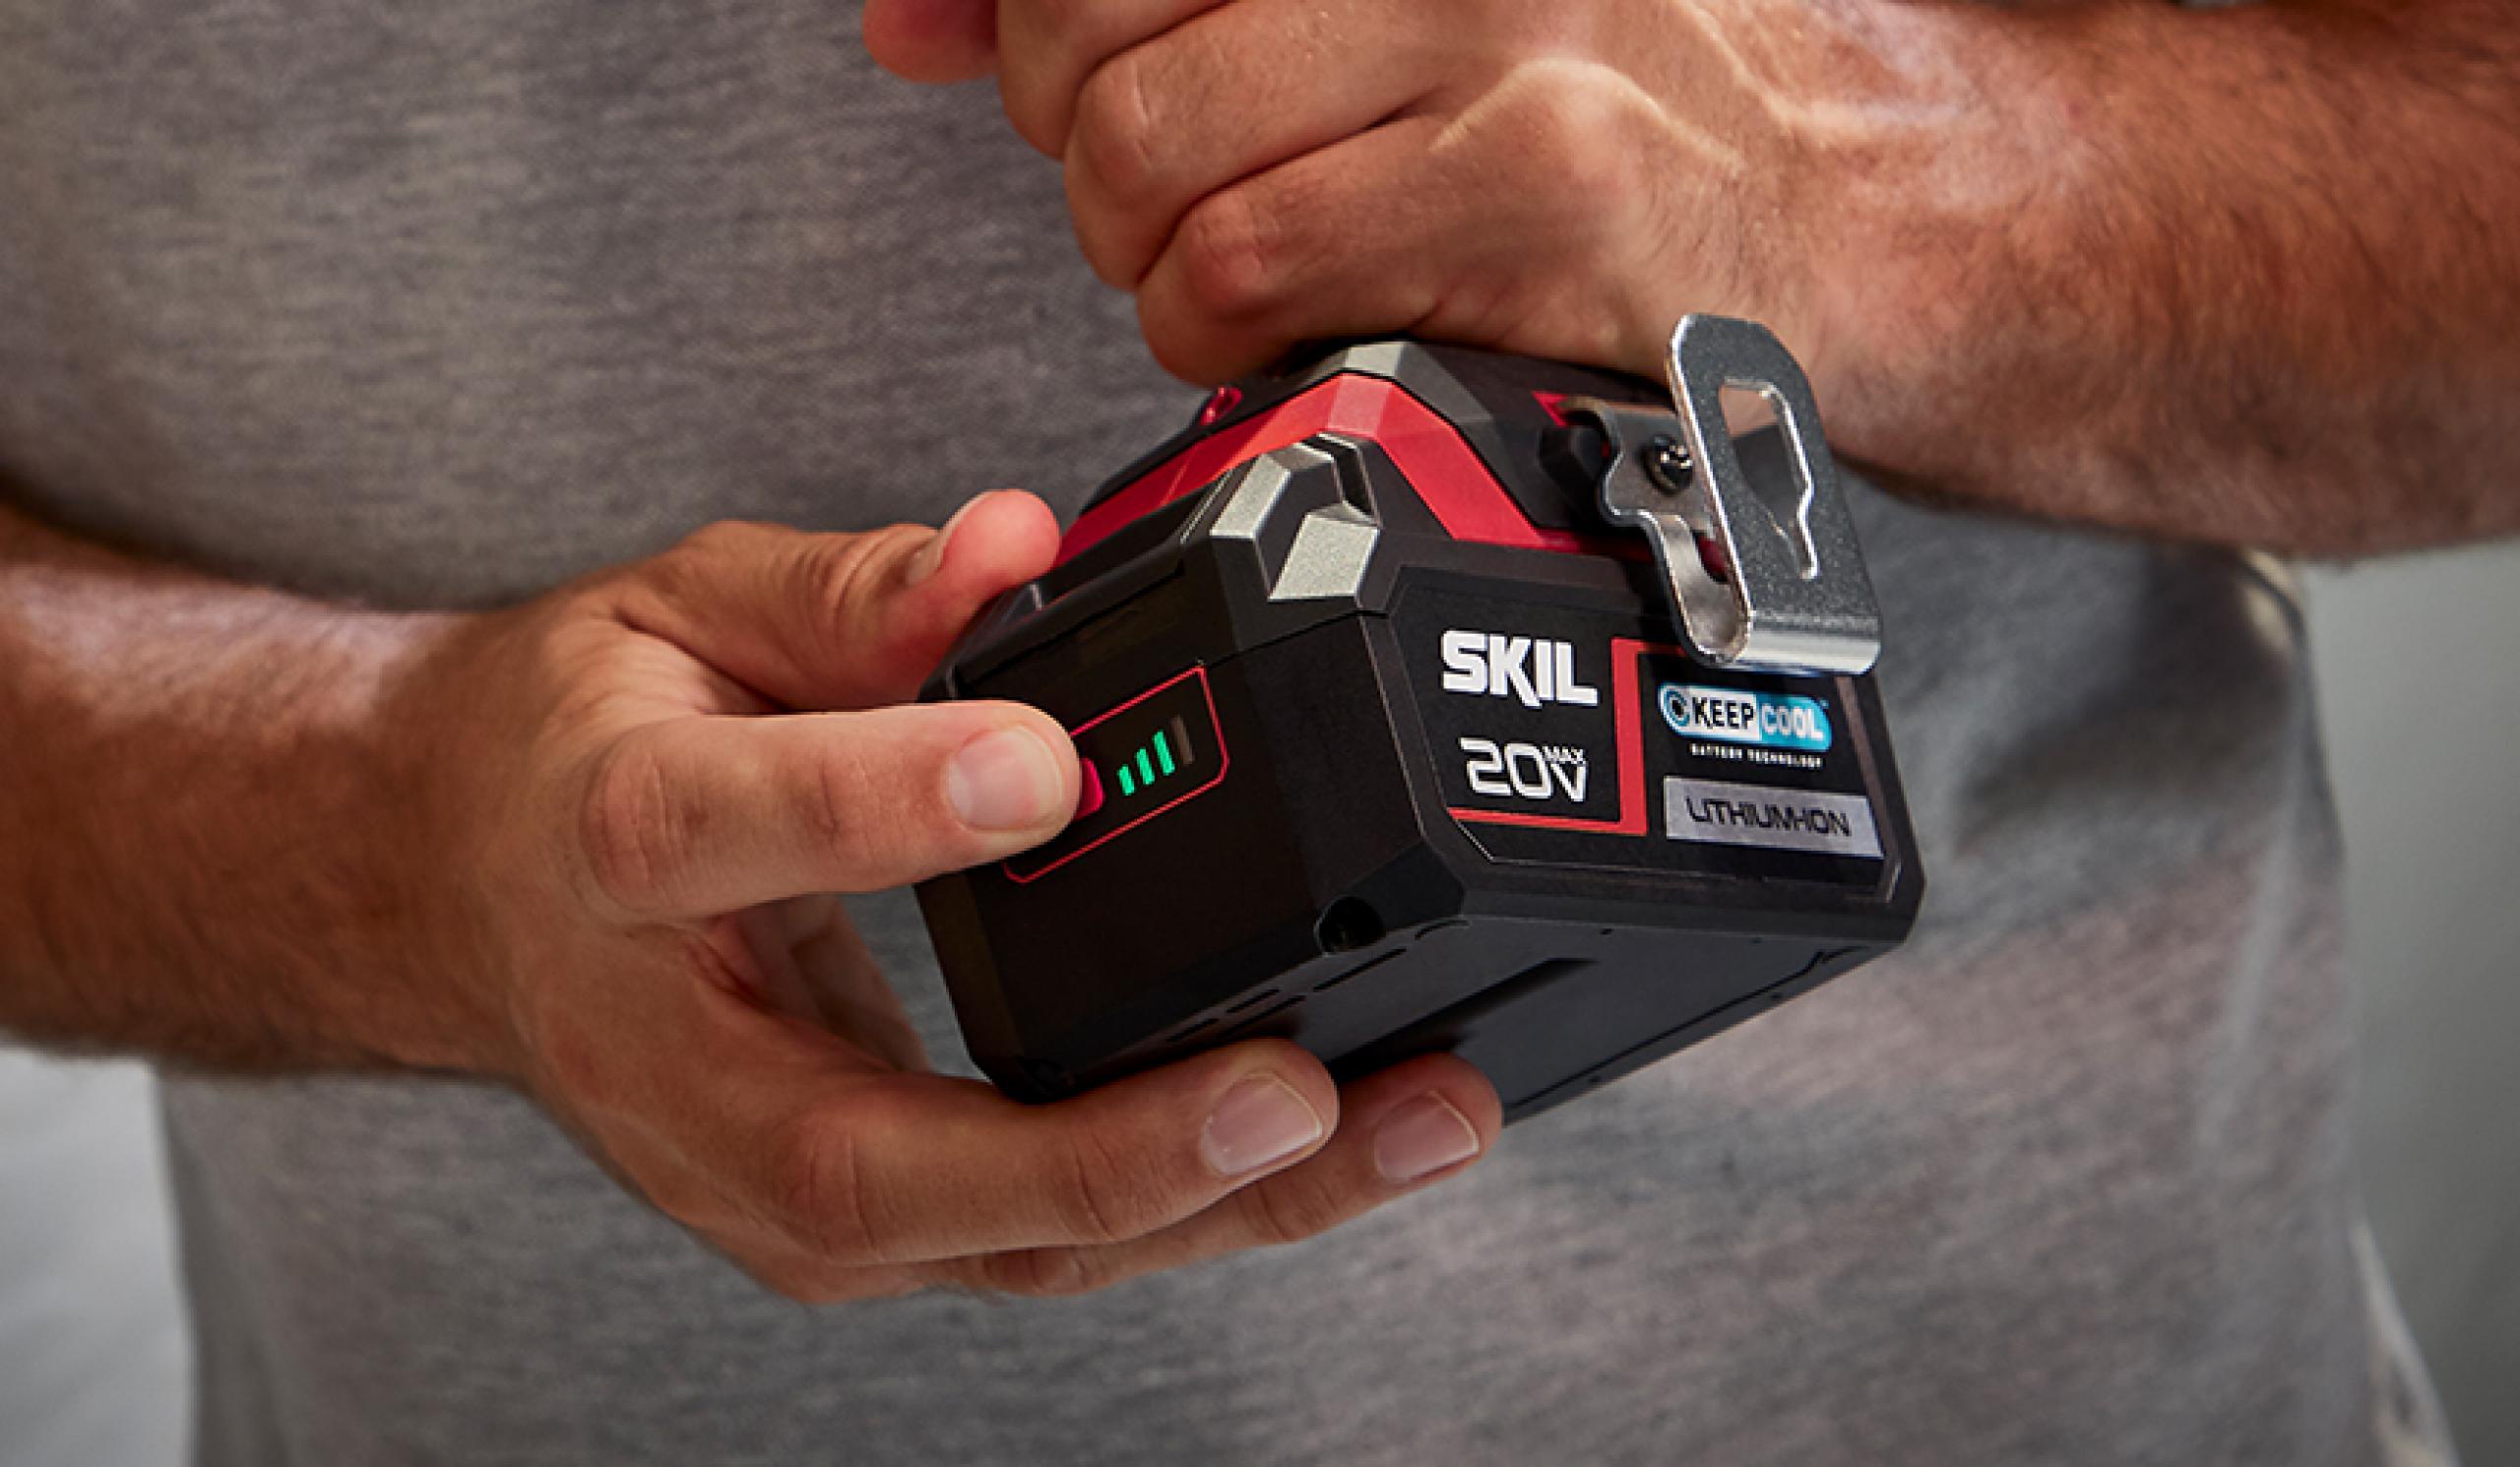 Πατενταρισμένη ένδειξη φόρτισης της μπαταρίας που μπορείτε να εμπιστευτείτε